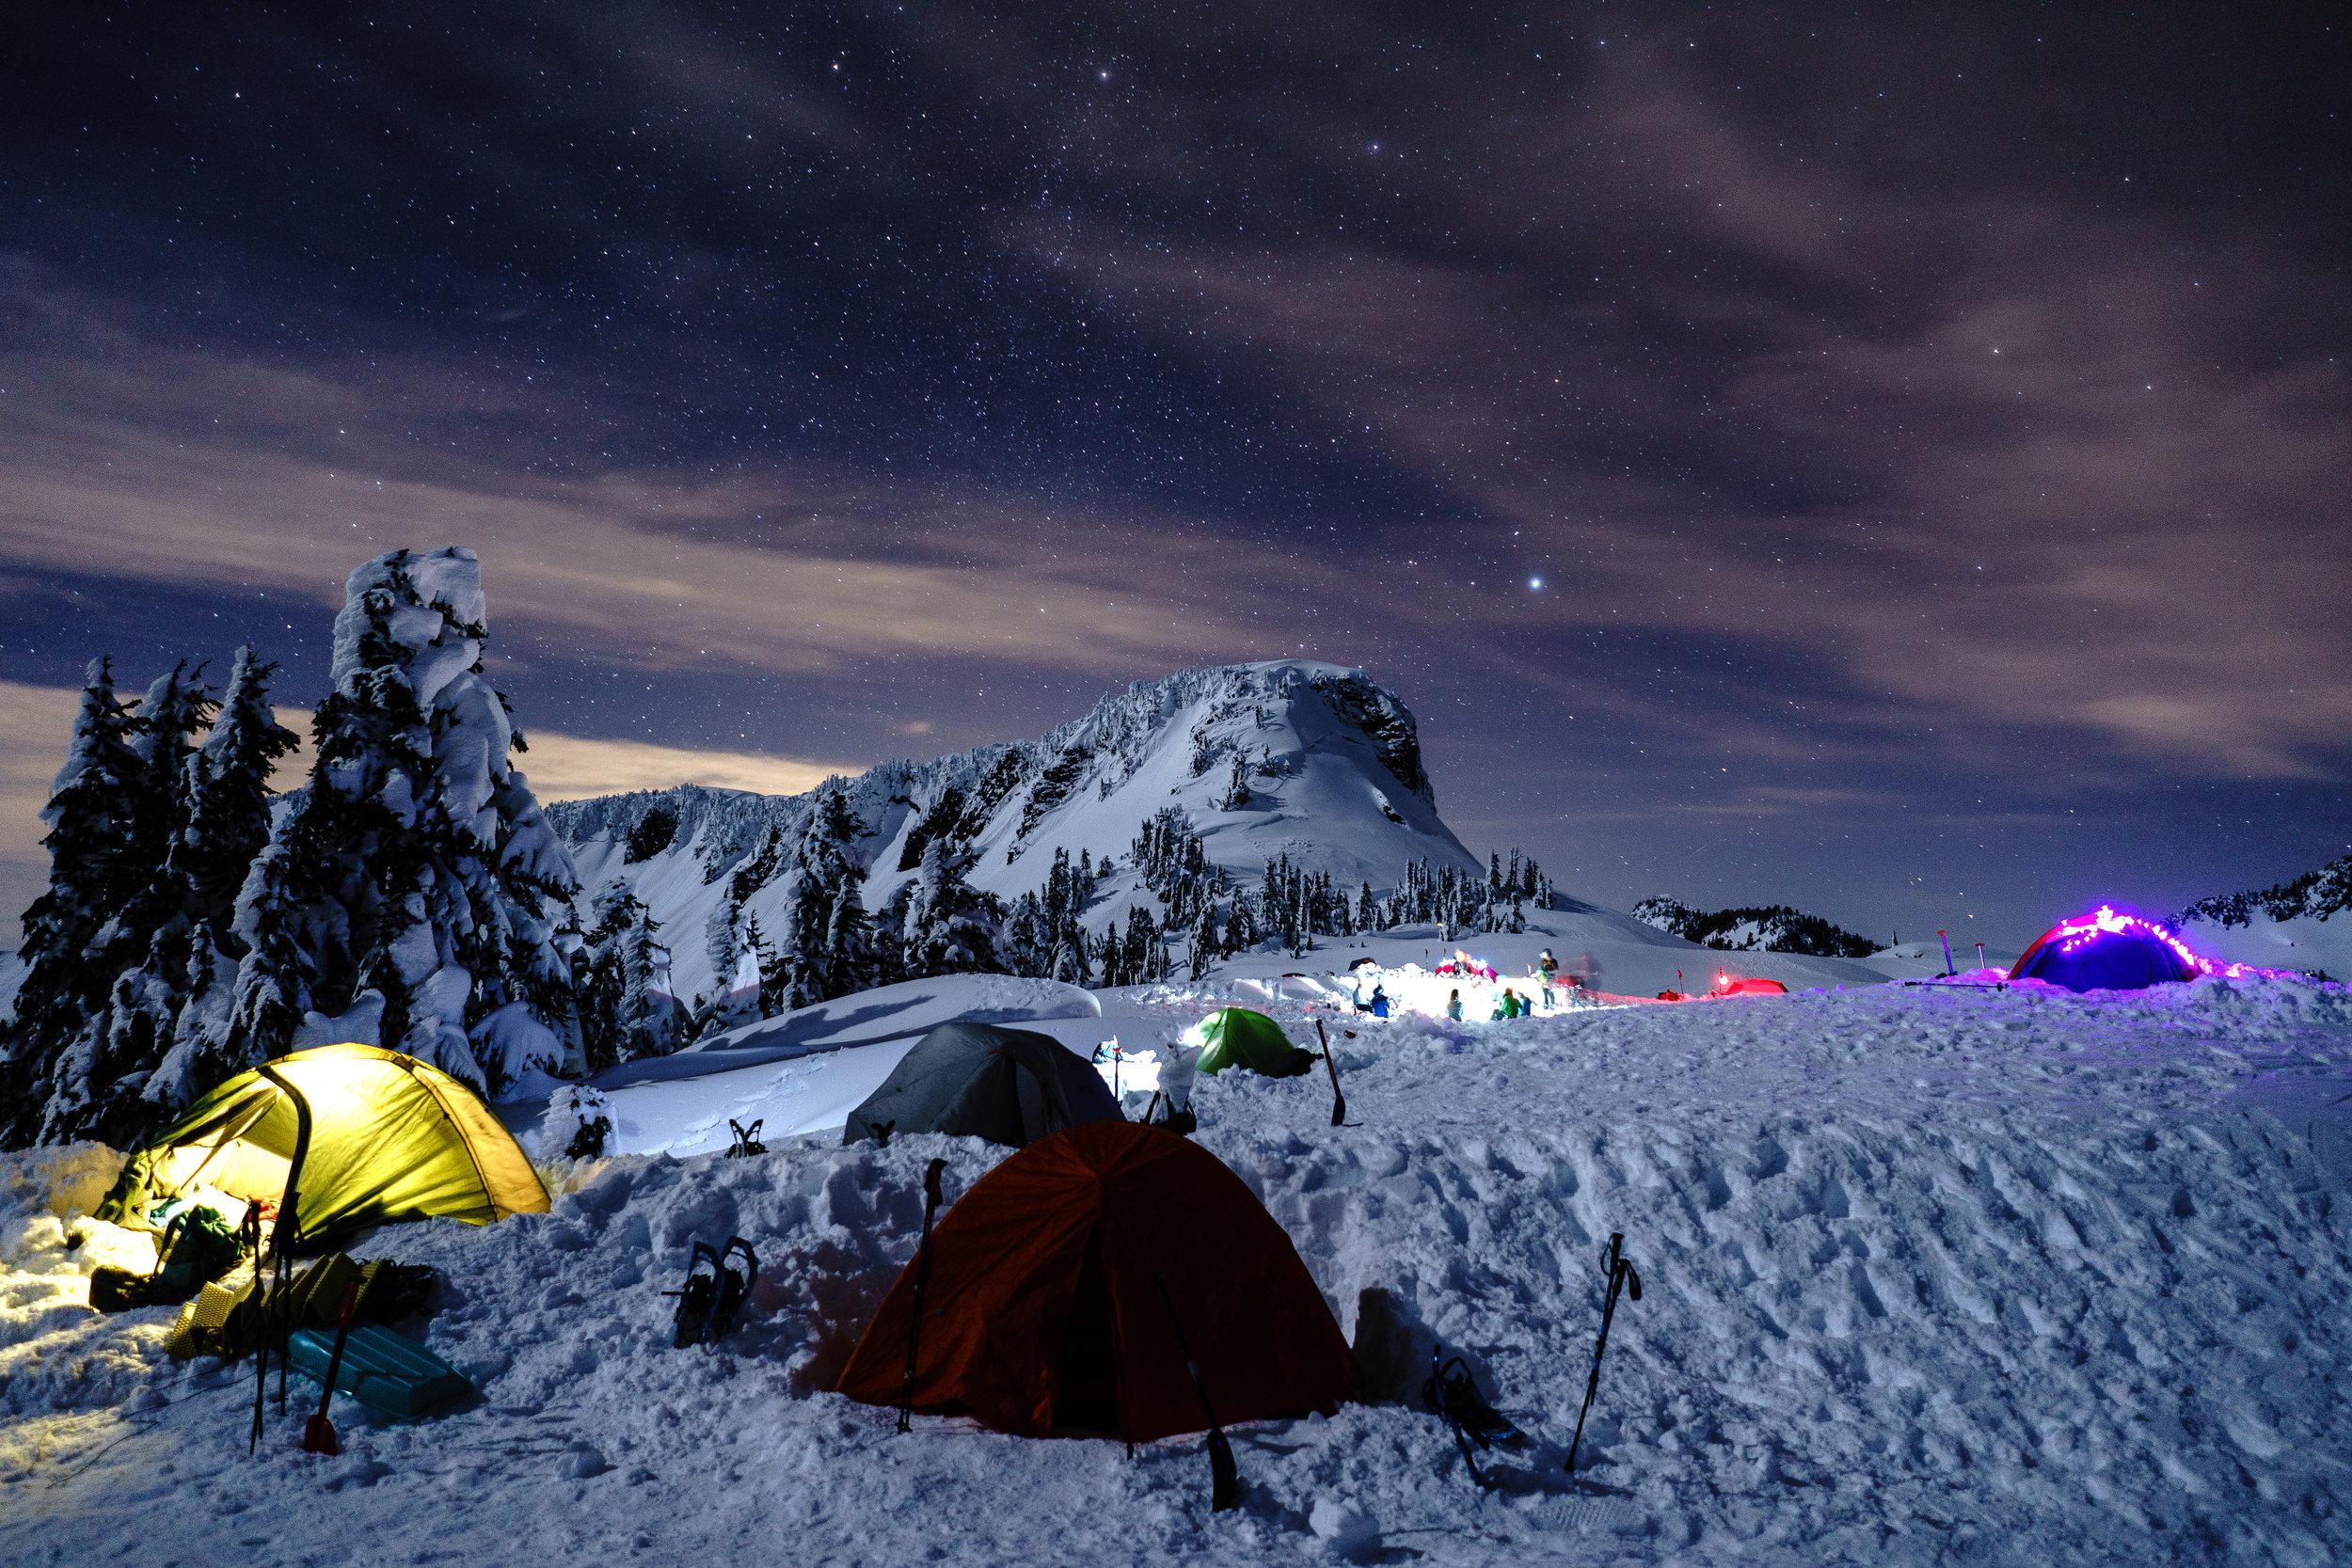 Tent city lit up